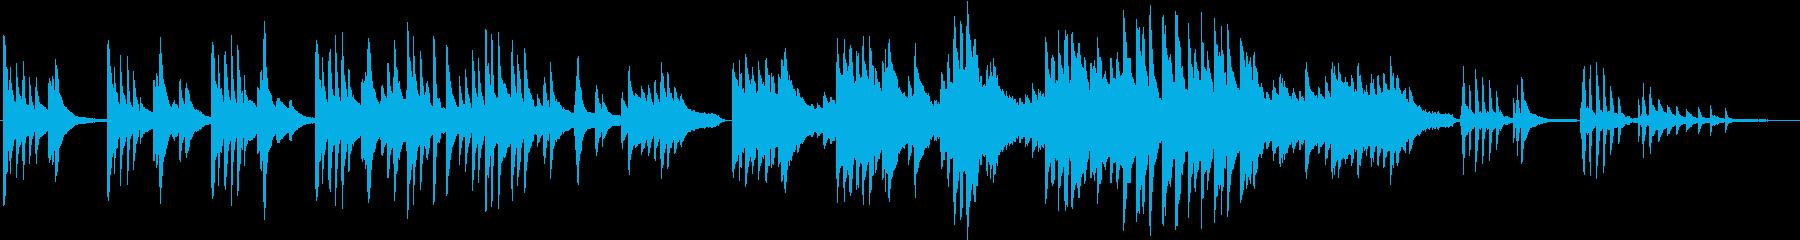 美しく感動的な和風ピアノバラードの再生済みの波形